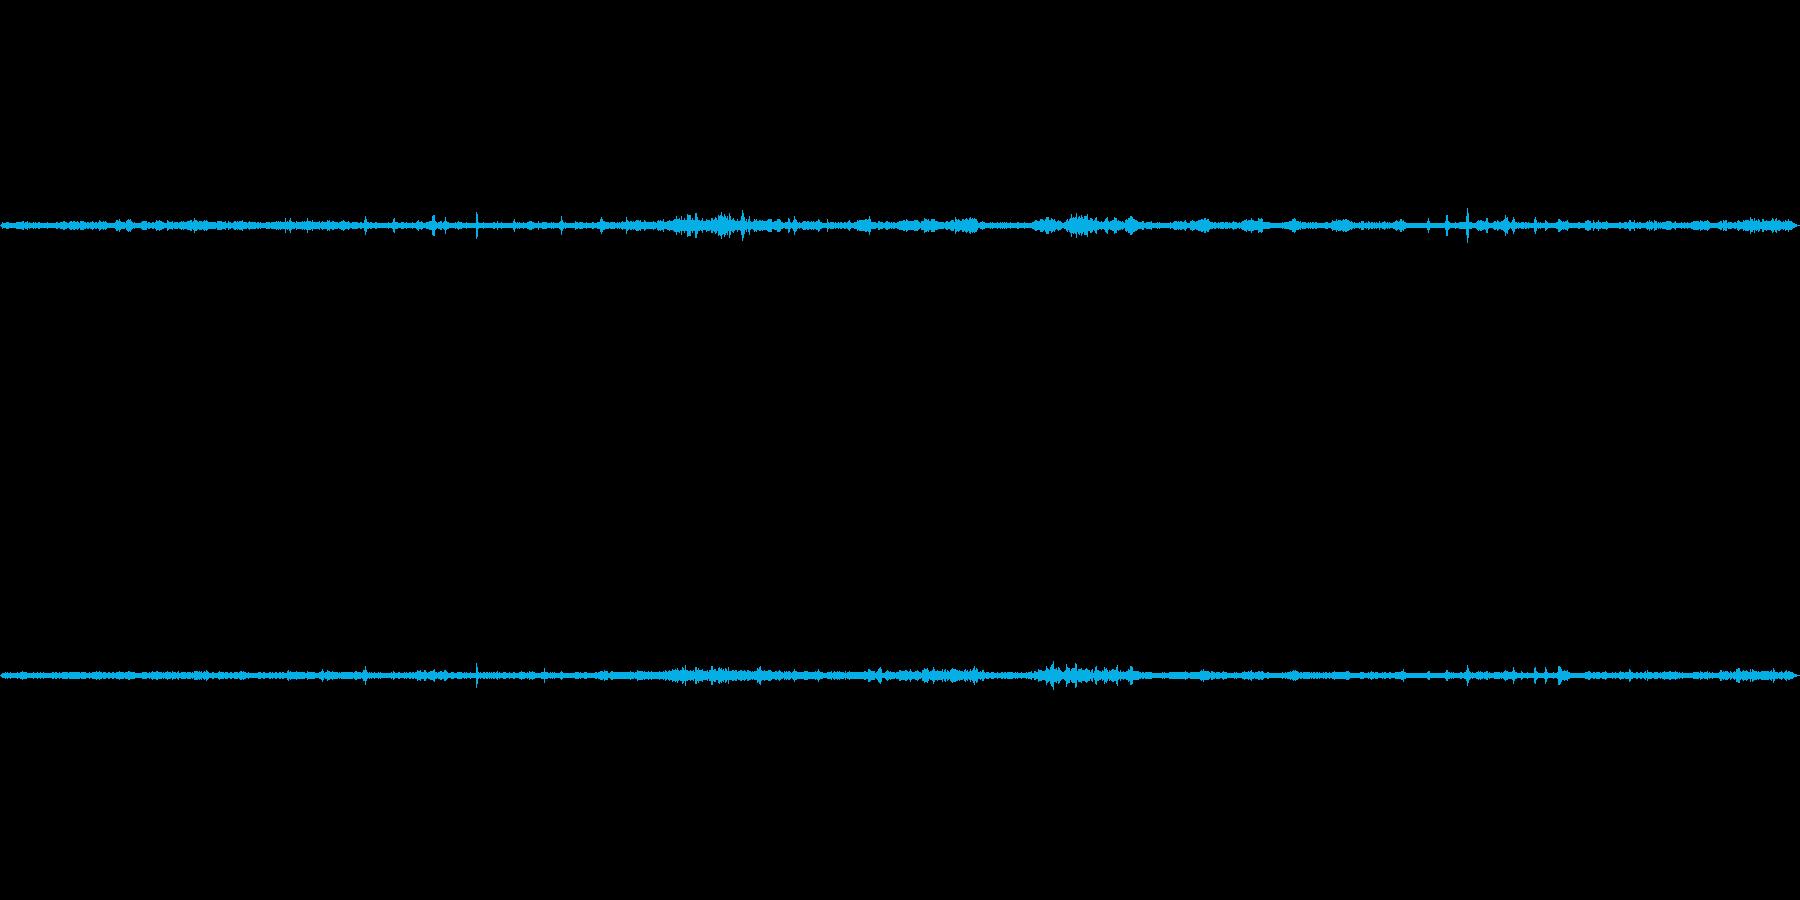 里山の野鳥と風の環境音(秋)の再生済みの波形